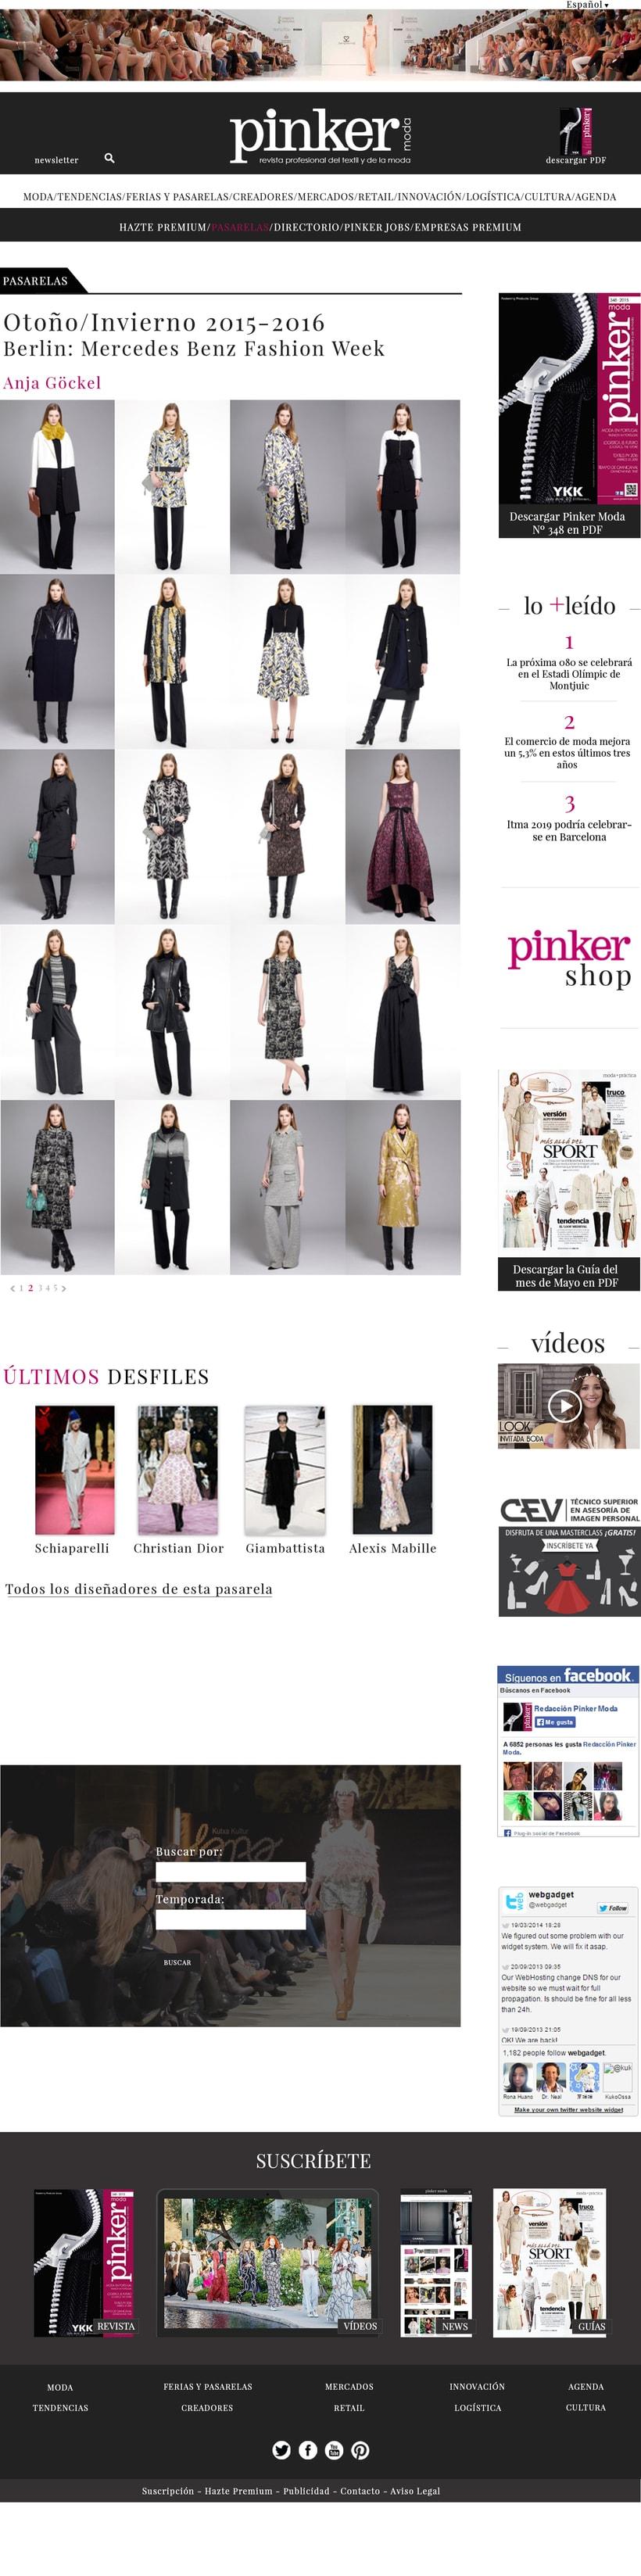 WEB LAYOUT - Pinker moda 2